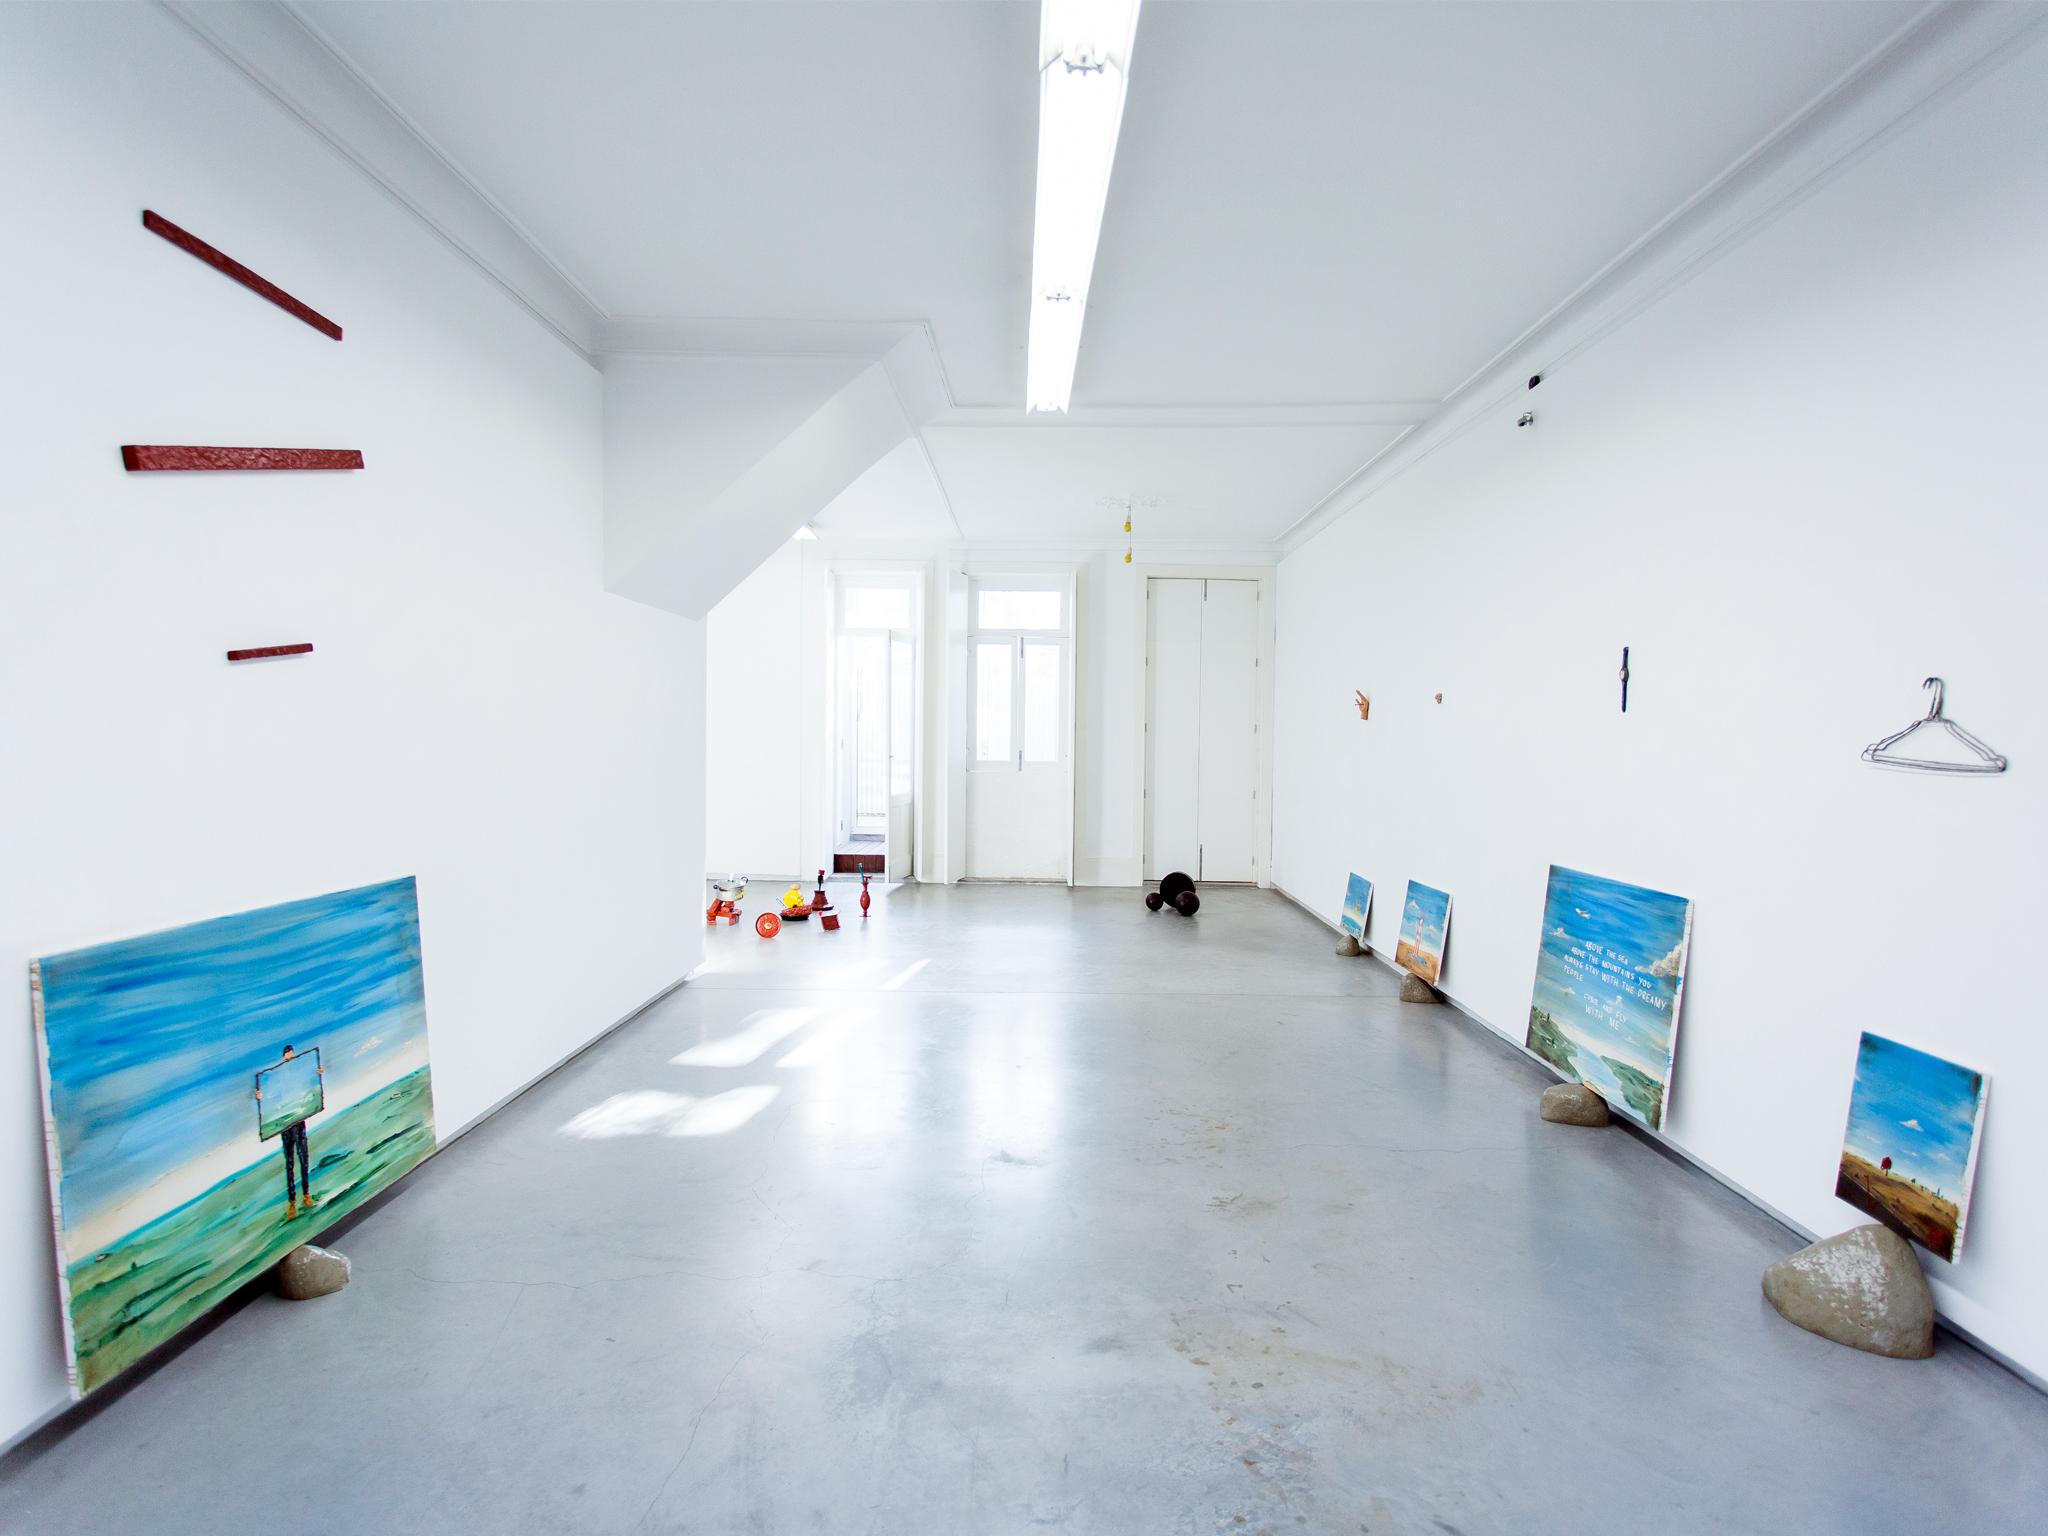 Descubra os novos projectos de arte contemporânea na Galeria MCO